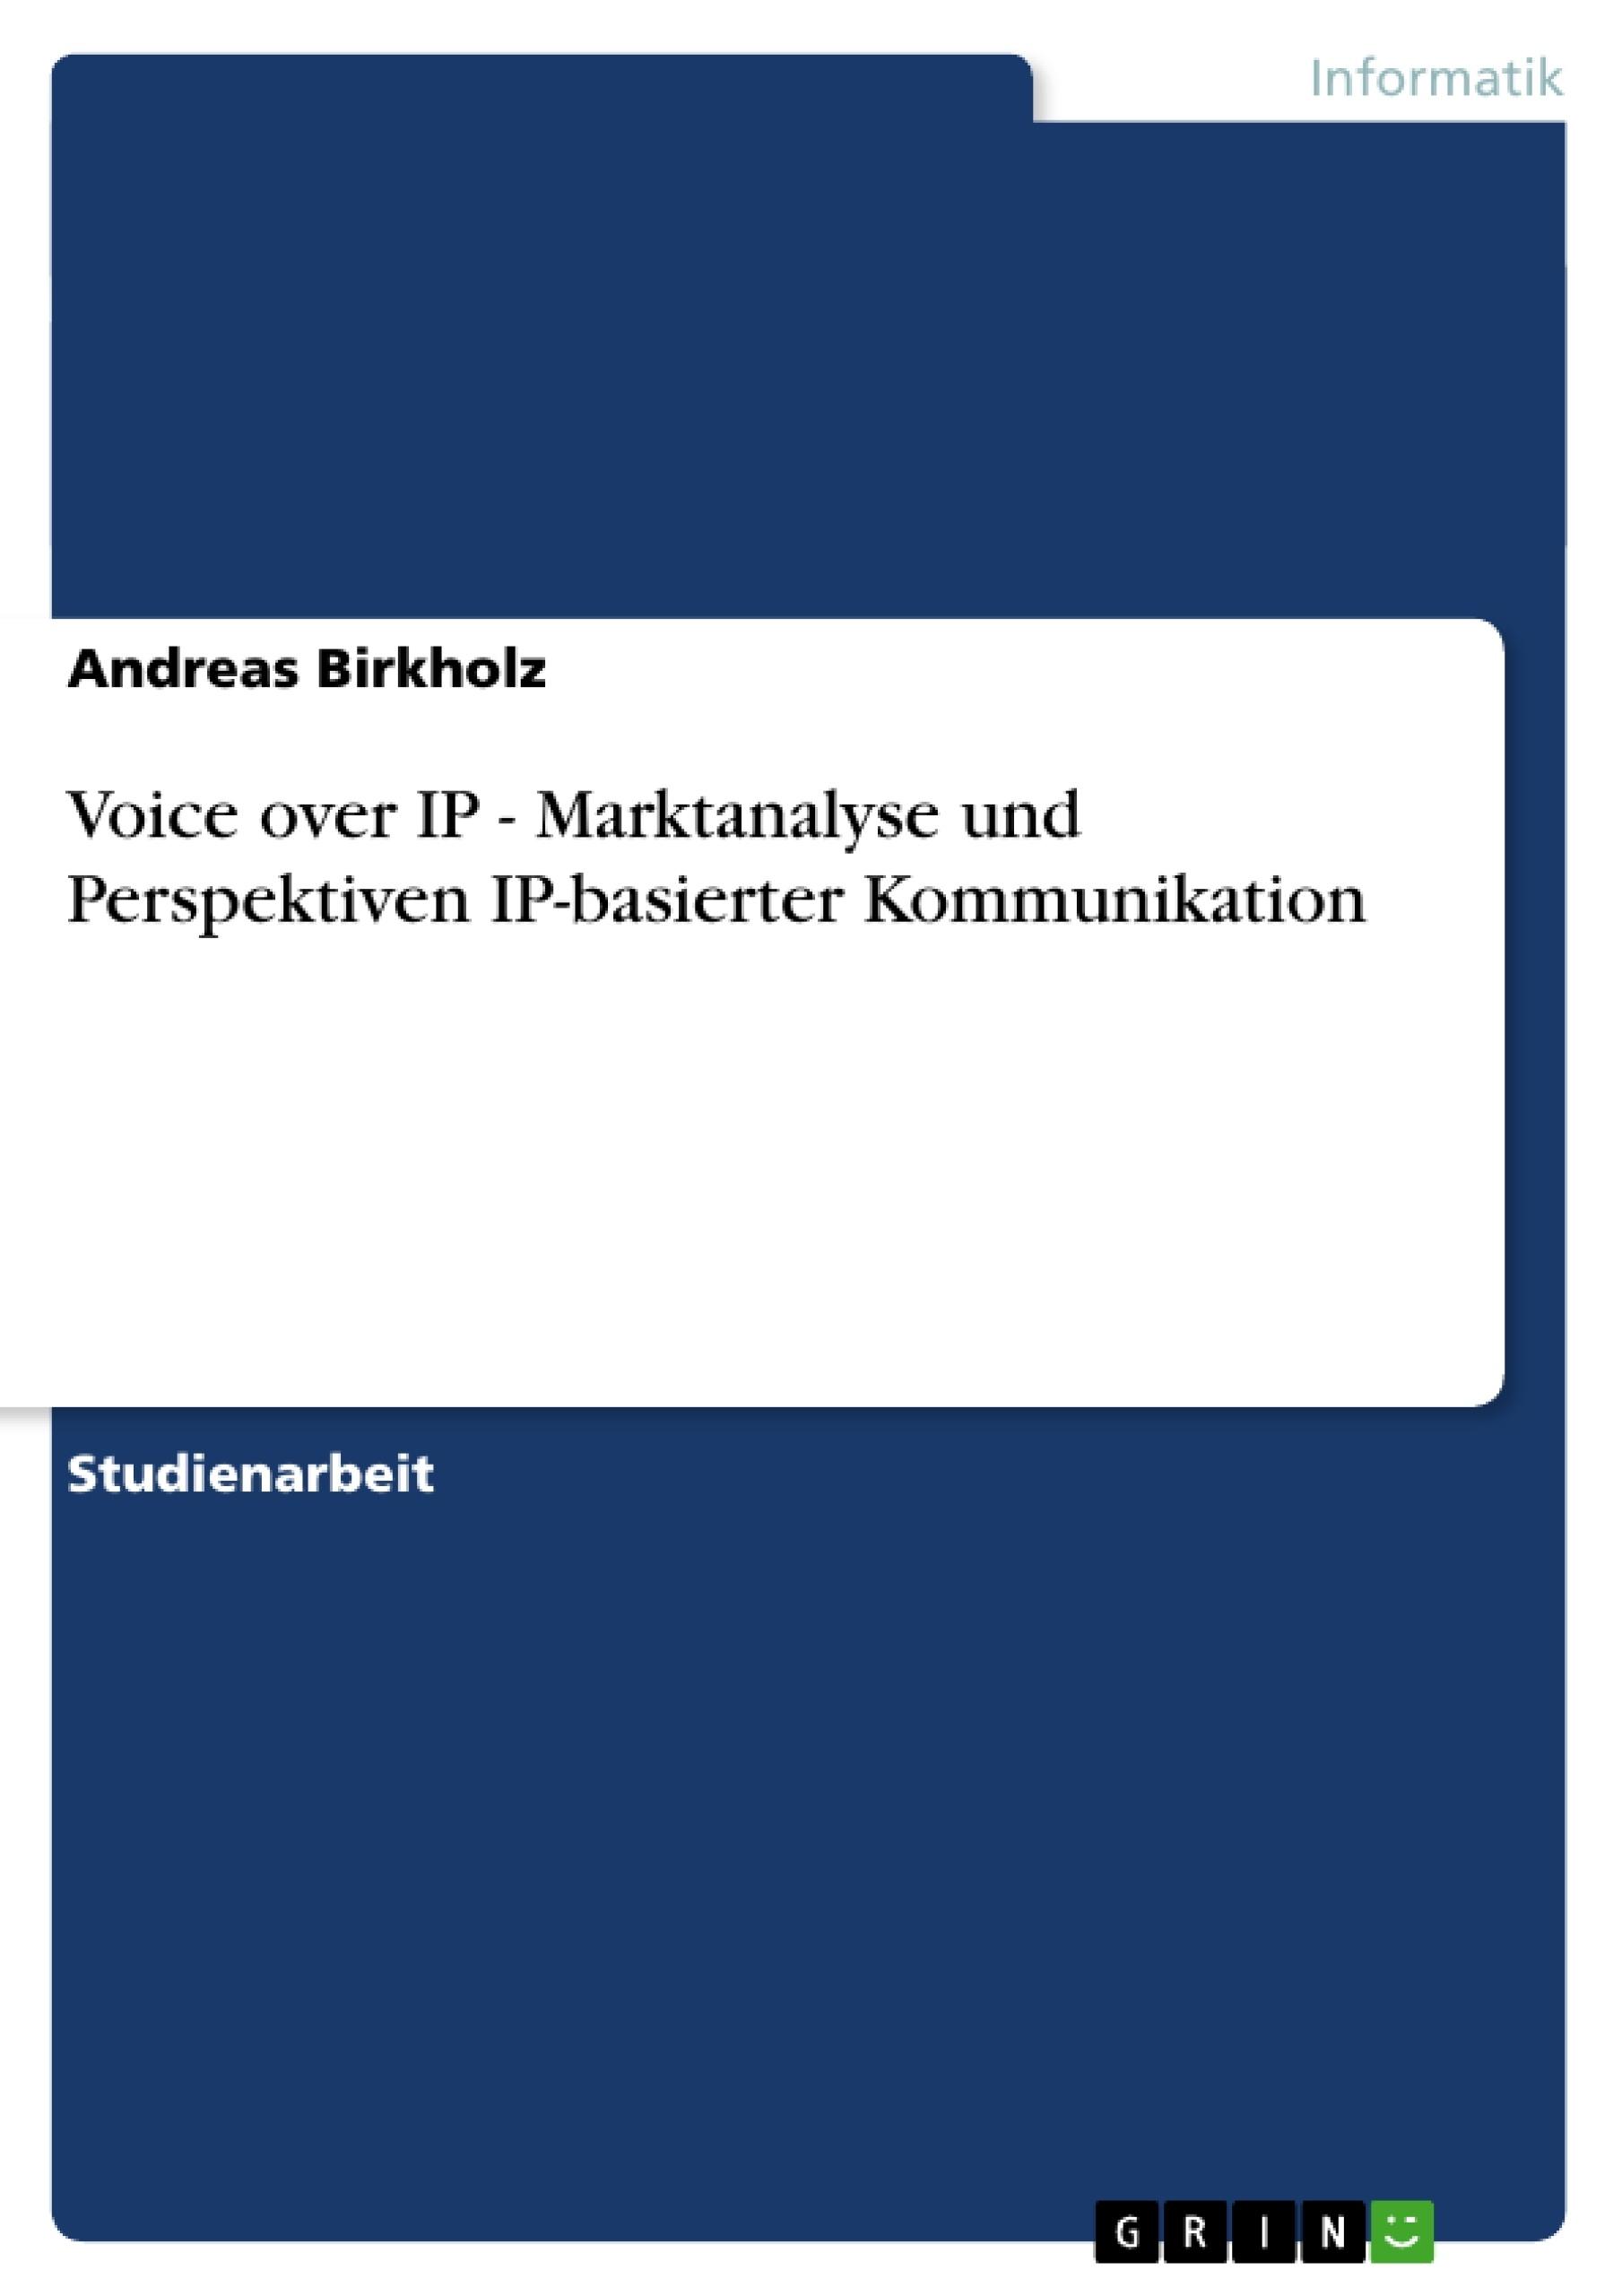 Titel: Voice over IP - Marktanalyse und Perspektiven IP-basierter Kommunikation